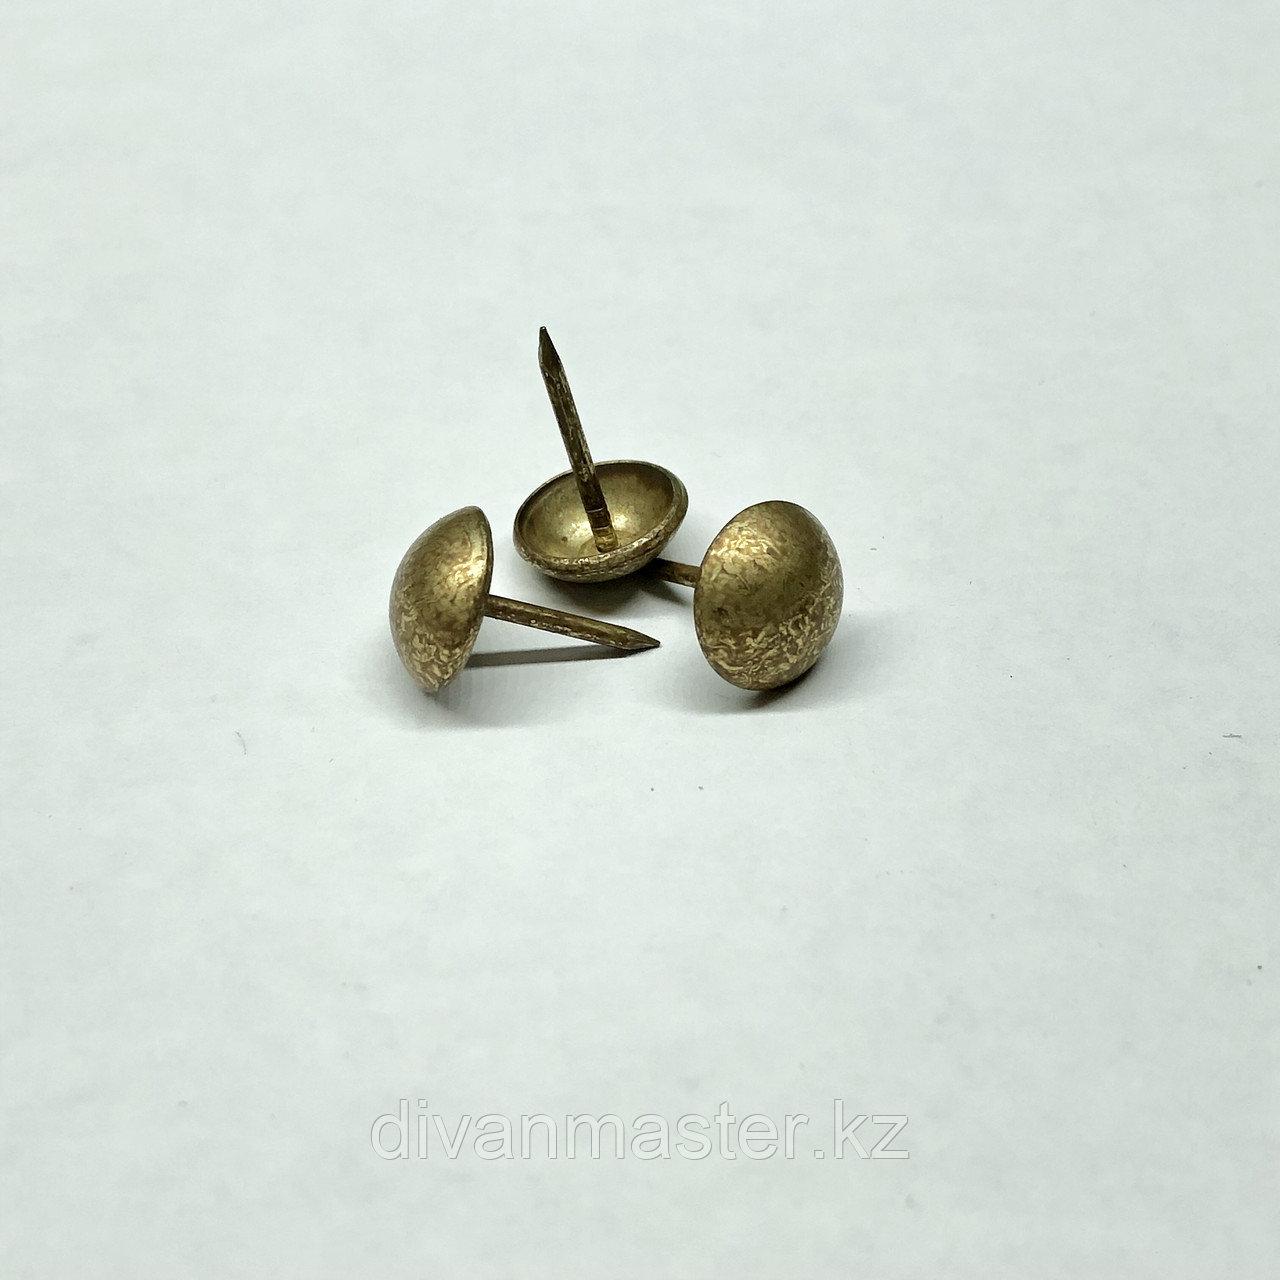 Гвозди декоративные 11 мм античная латунь- 1000 штук. Турция